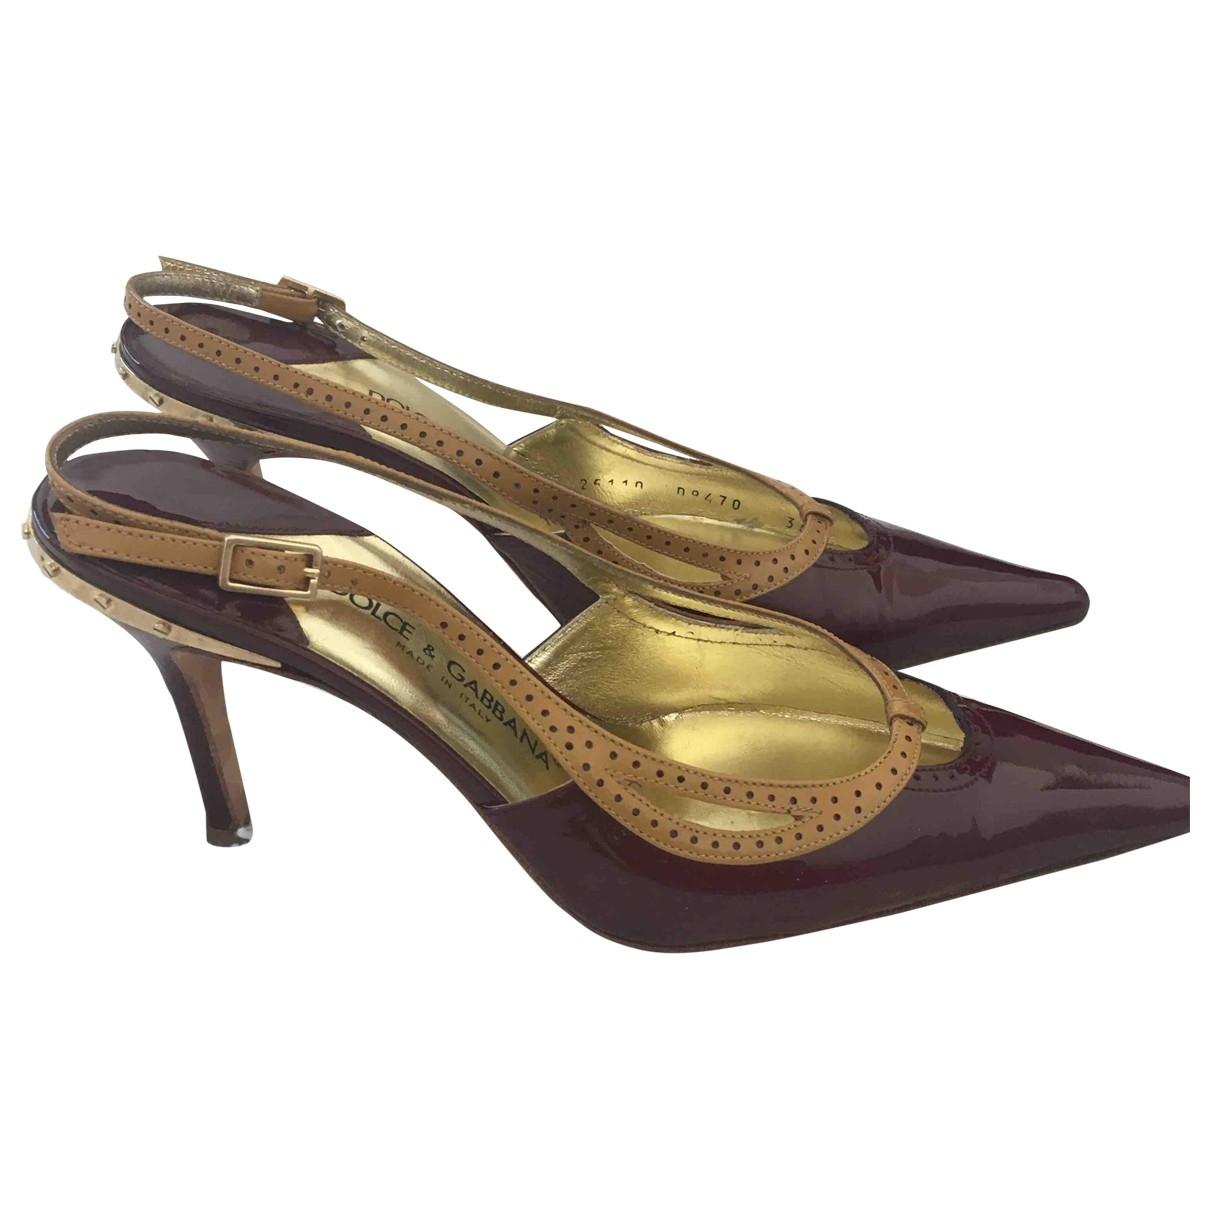 Dolce & Gabbana - Escarpins   pour femme en cuir verni - bordeaux